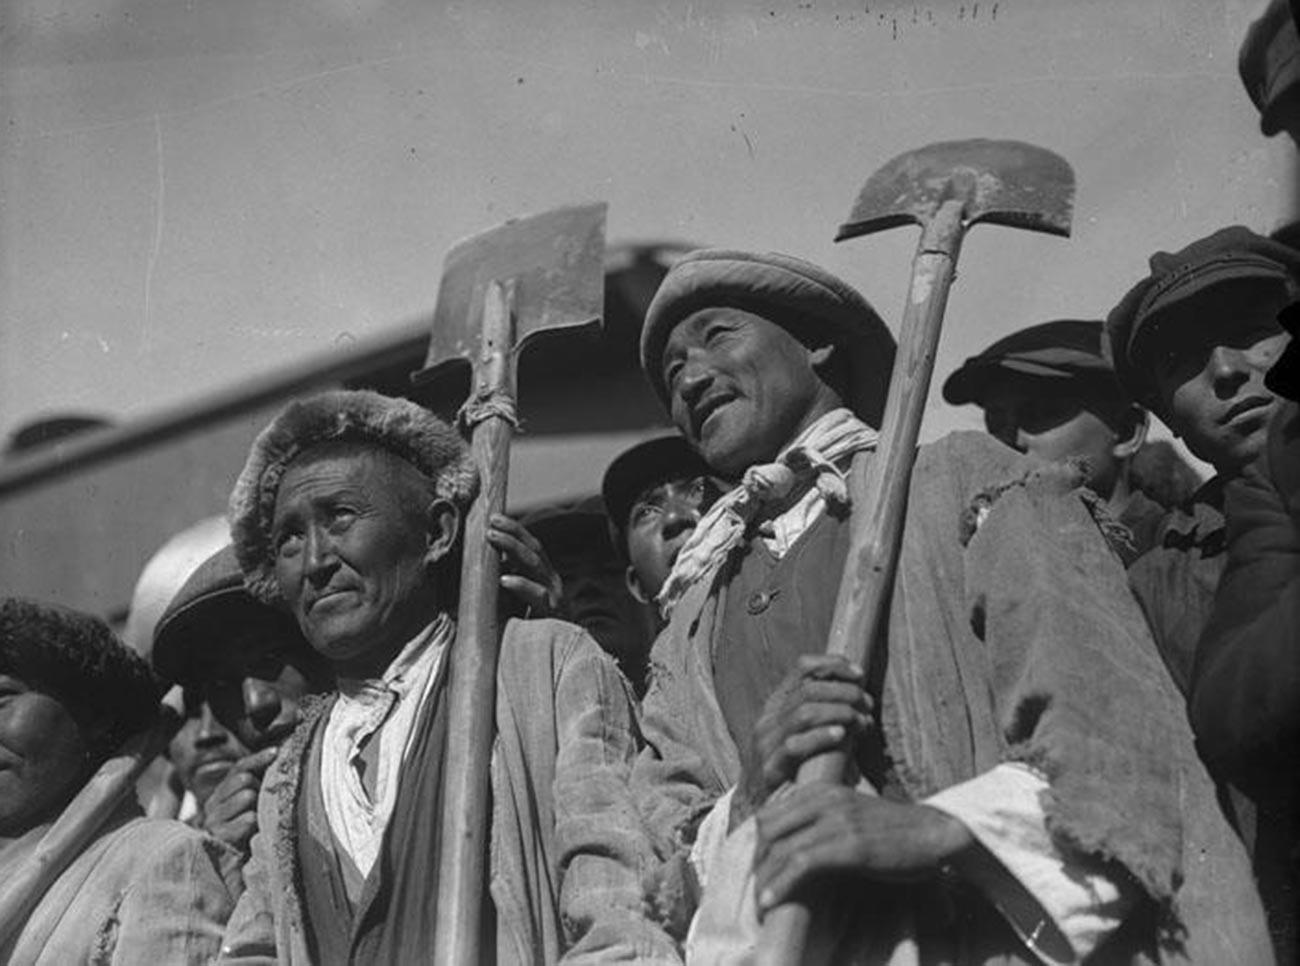 Казахски строители на Туркестанско-сибирската железопътна линия, един от основните строителни проекти на първия петгодишен план на индустриализацията на Сталин. Железопътната линия свързва Сибир с Казахстан и Киргизстан; 1930 г.